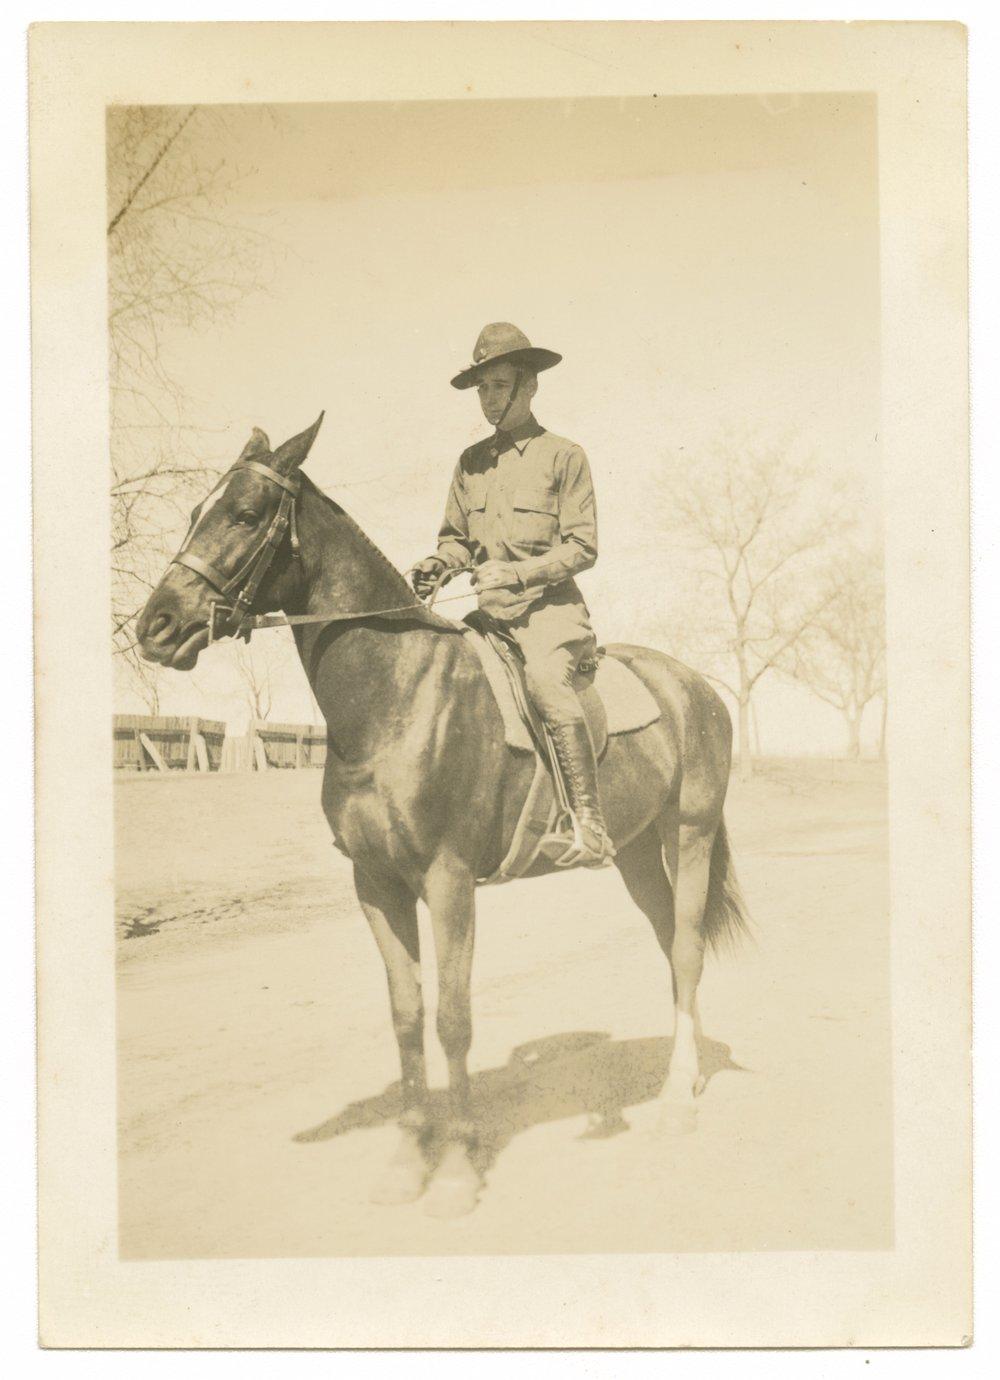 Horses and mules at Fort Riley, Kansas - 1